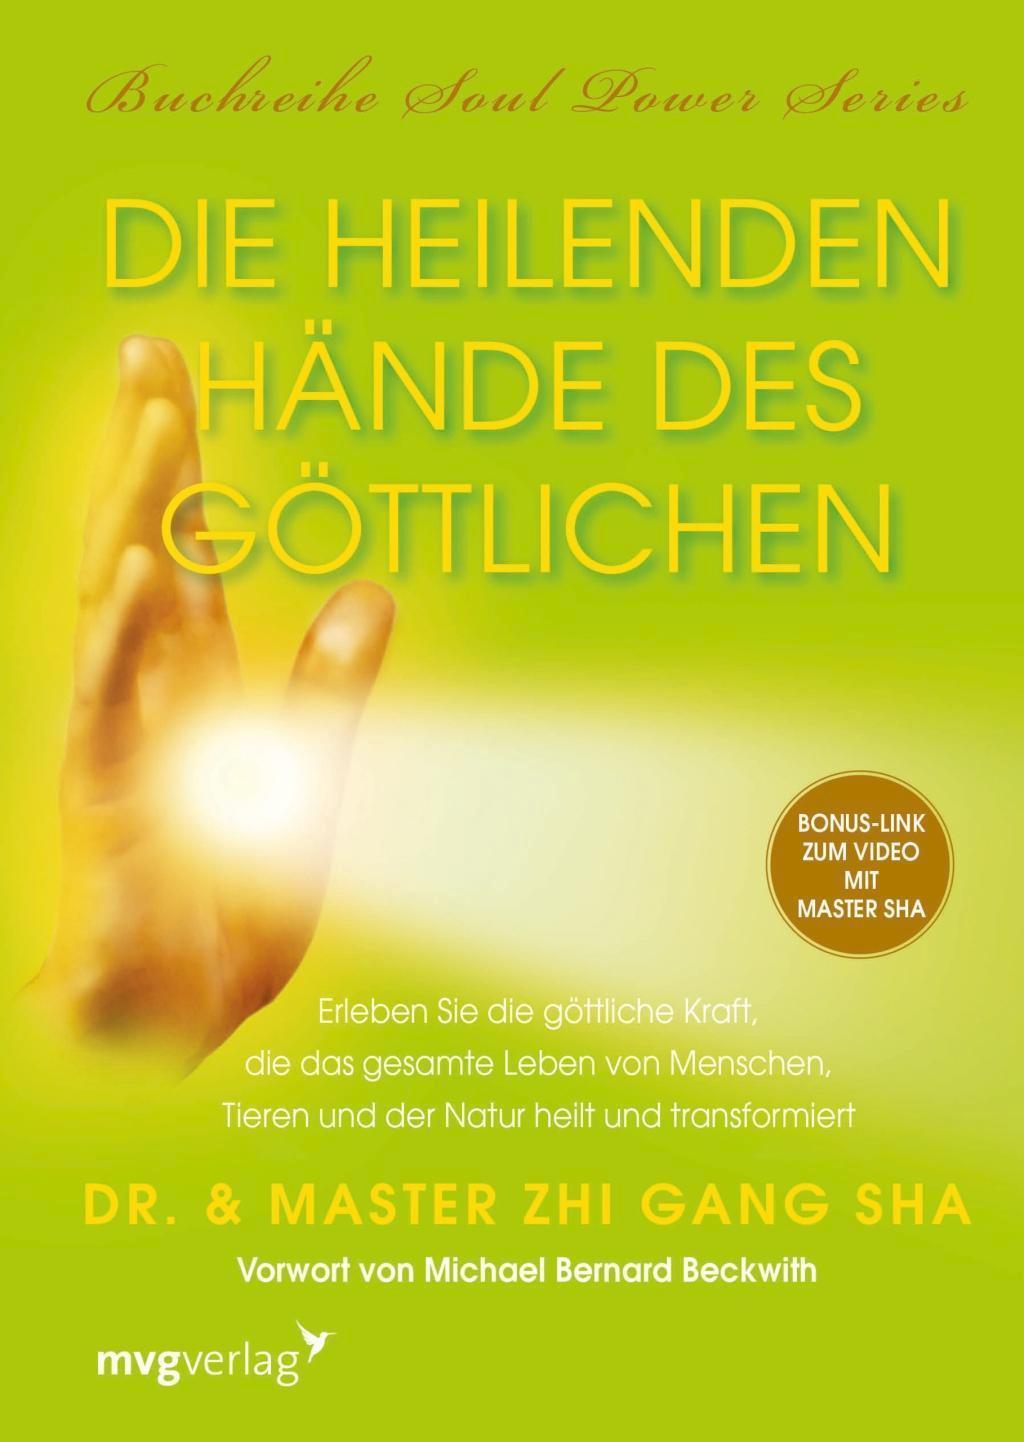 Die heilenden Hände des Göttlichen